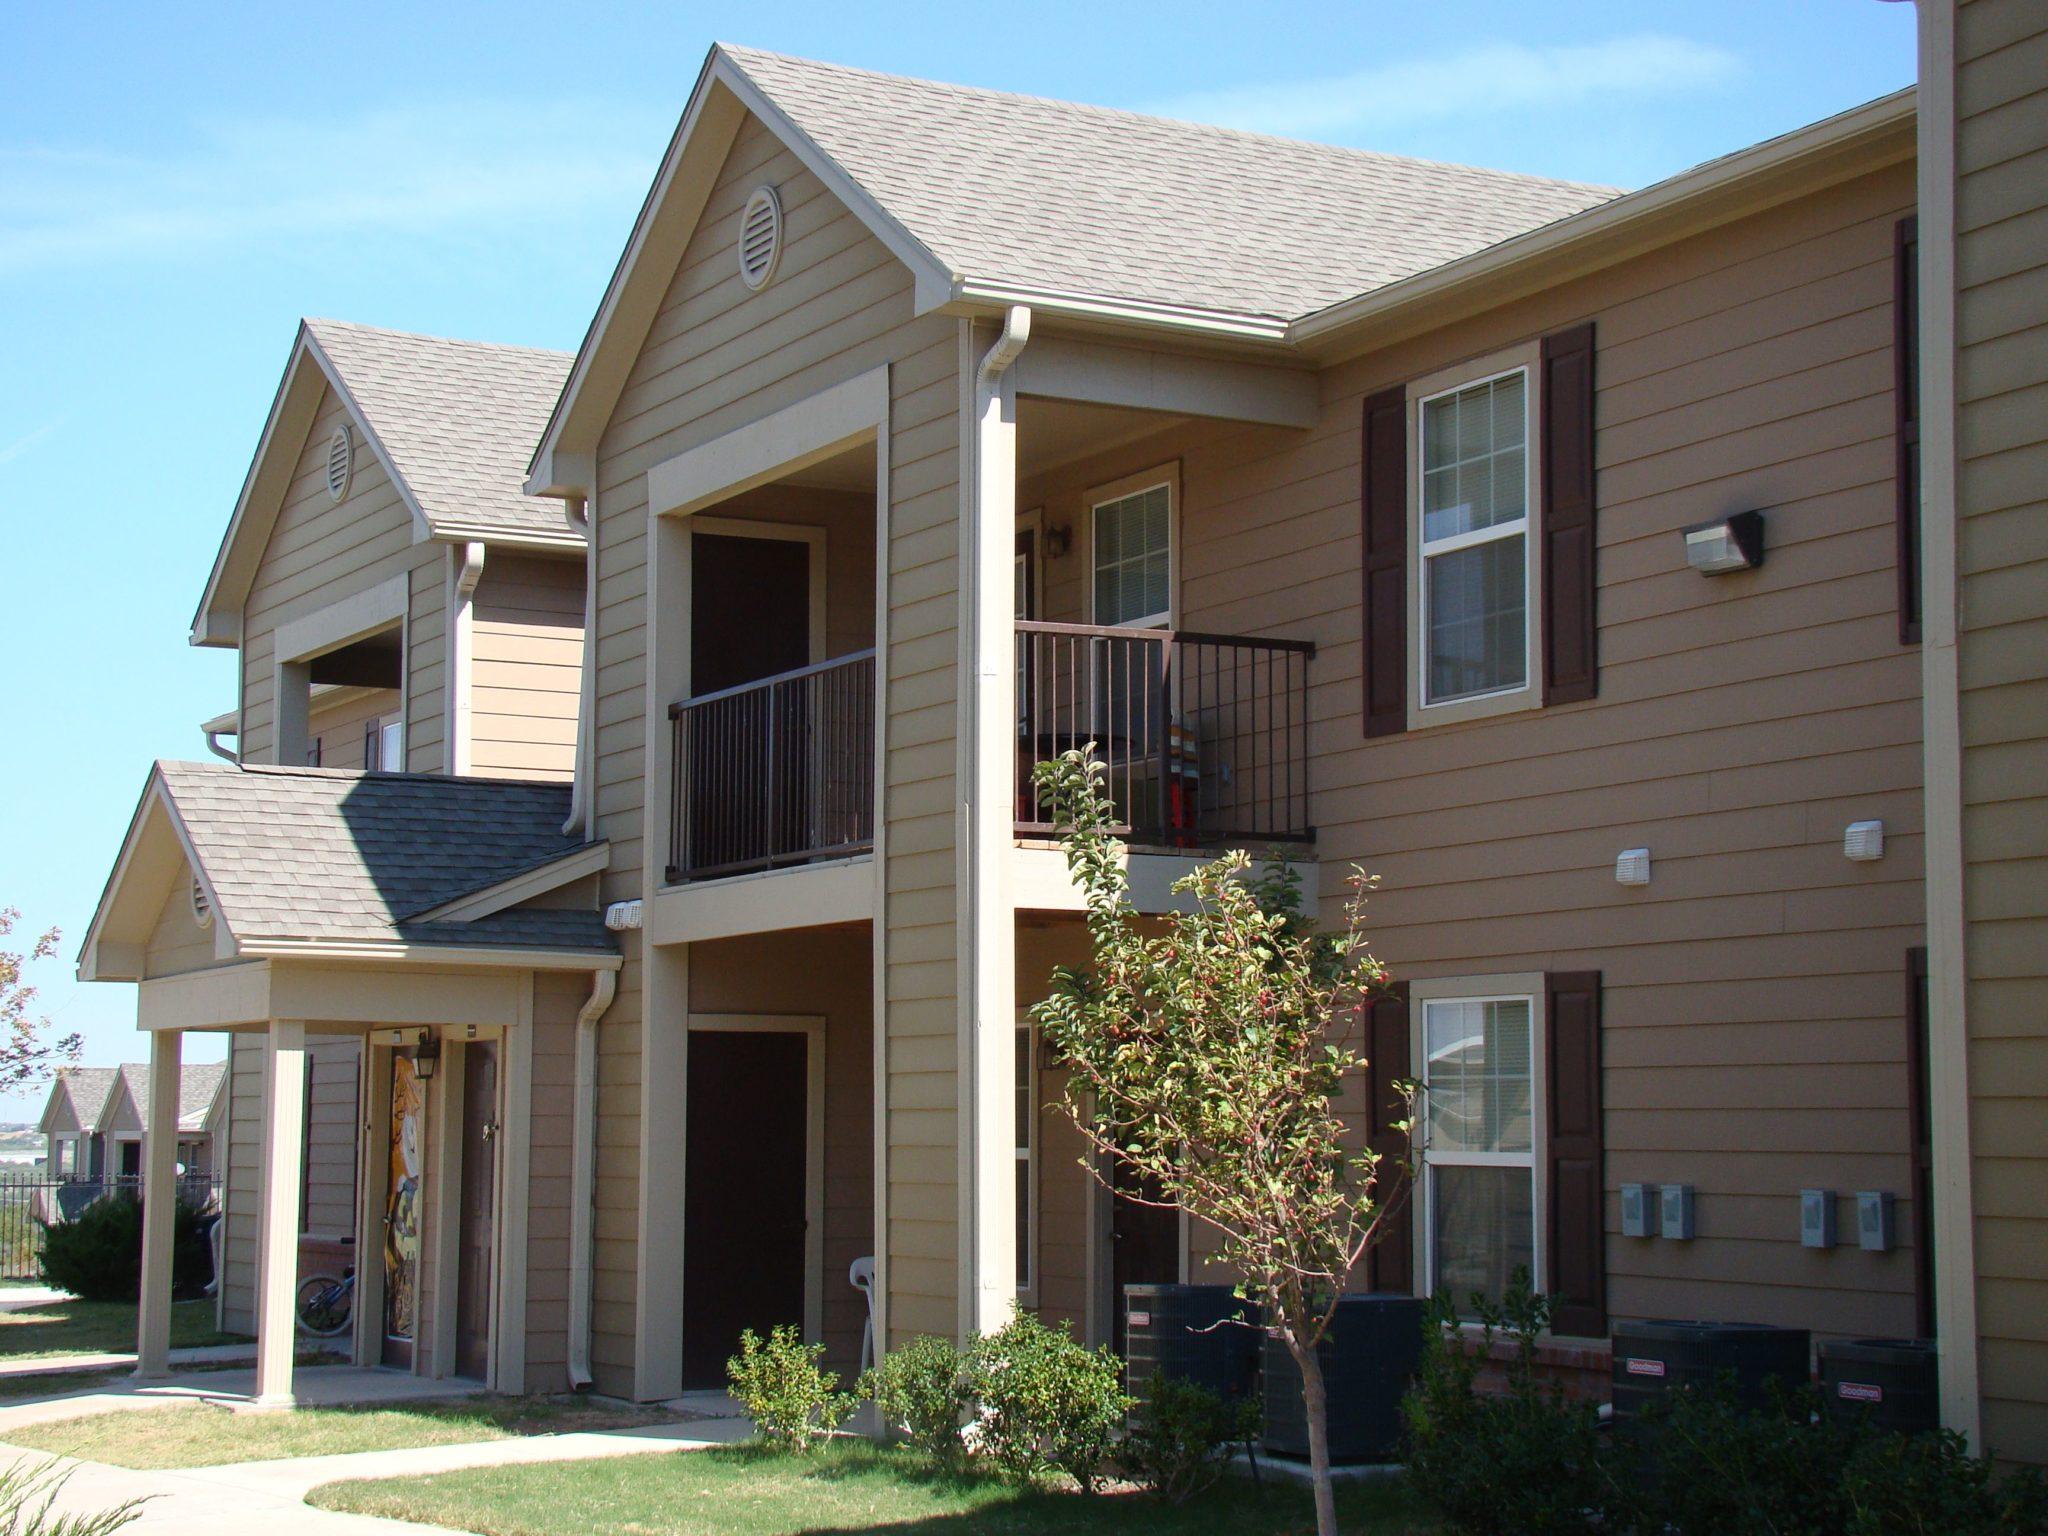 Knollwood-Heights-Big-Spring-Texas-bldg-2